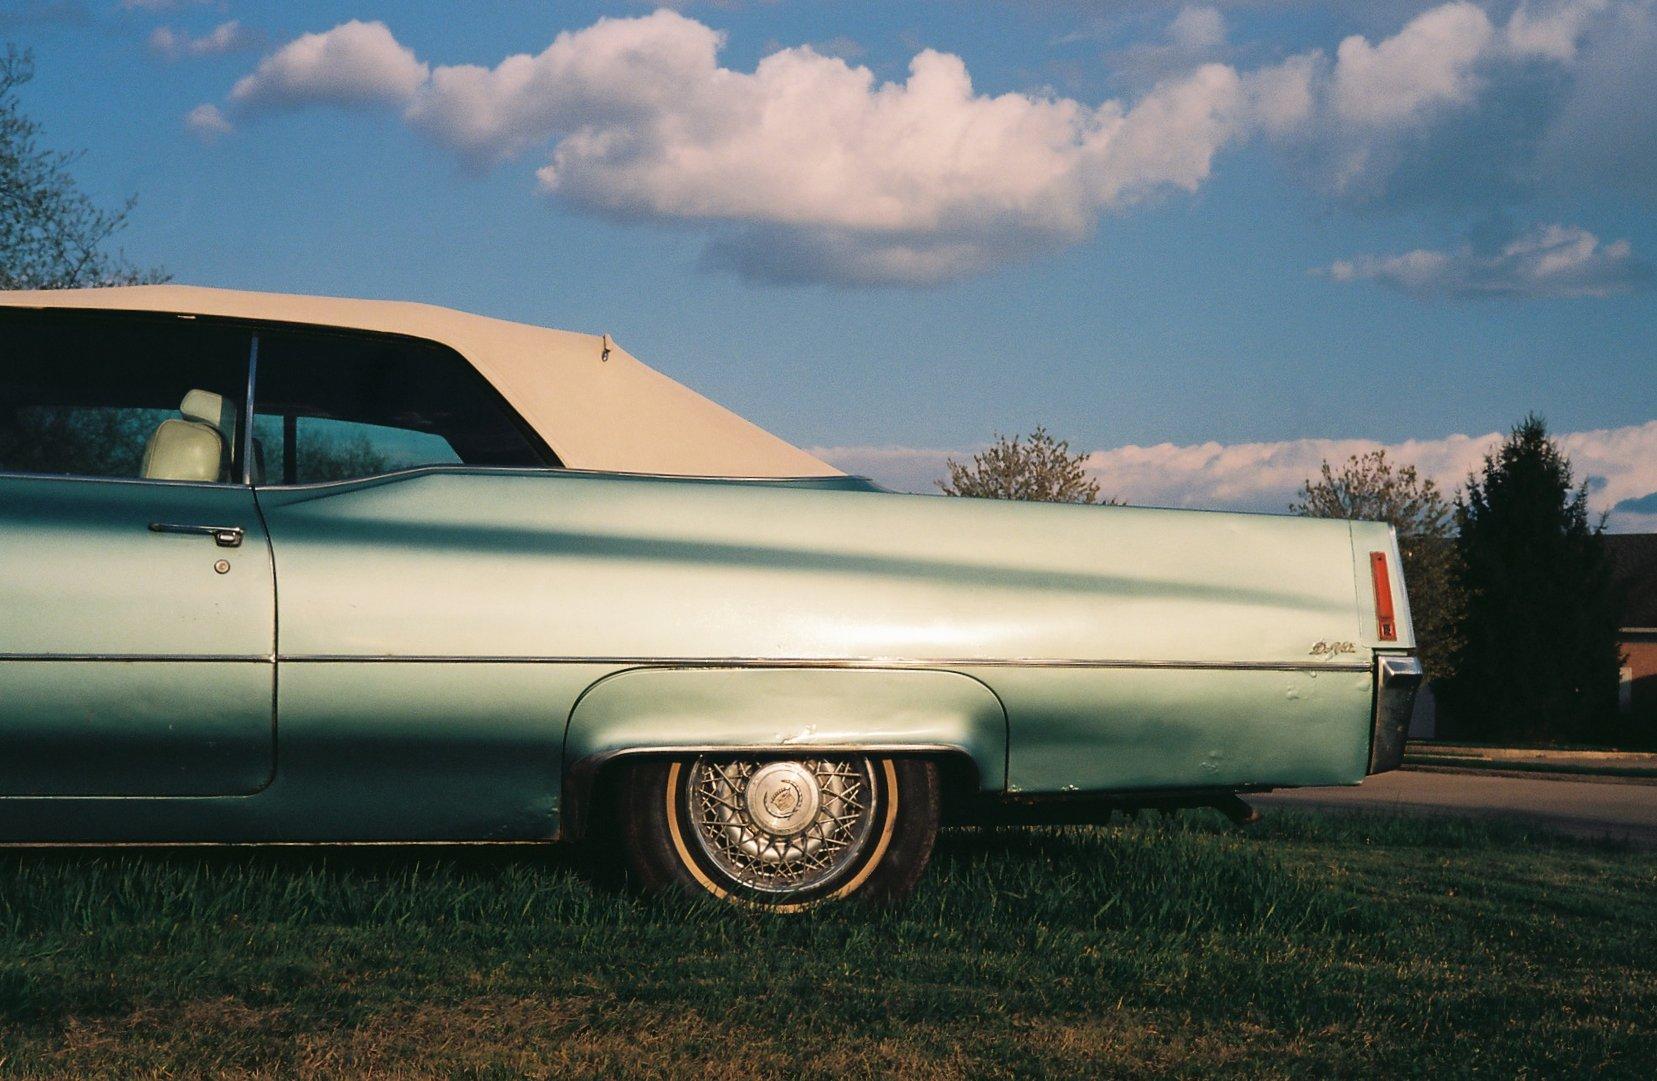 Entfernungsmesser Für Auto : Hintergrundbilder leica blau licht klassisch autos film